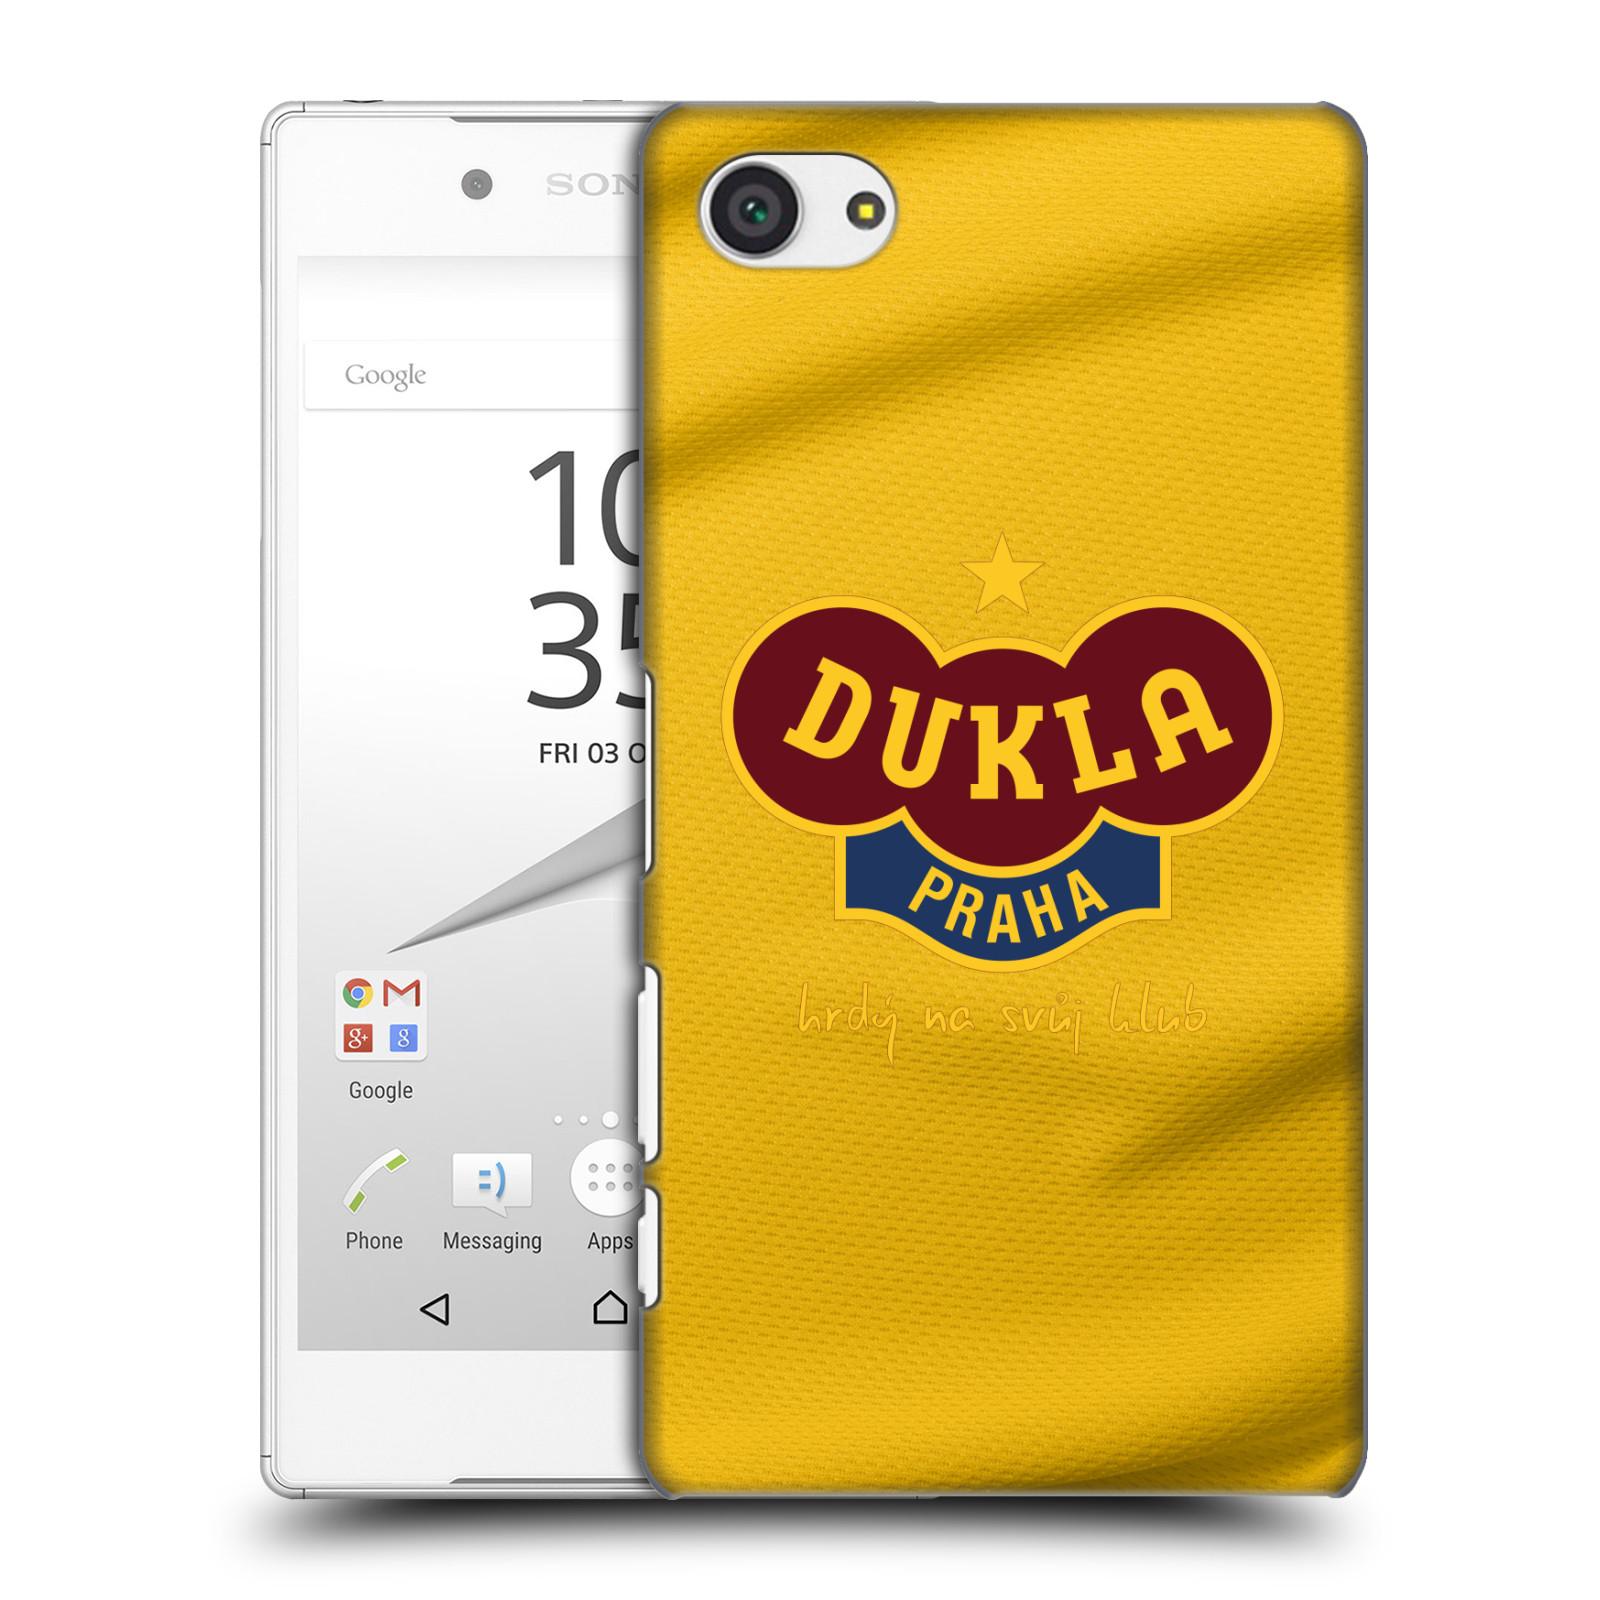 Plastové pouzdro na mobil Sony Xperia Z5 Compact - FK Dukla Praha - Žlutý dres